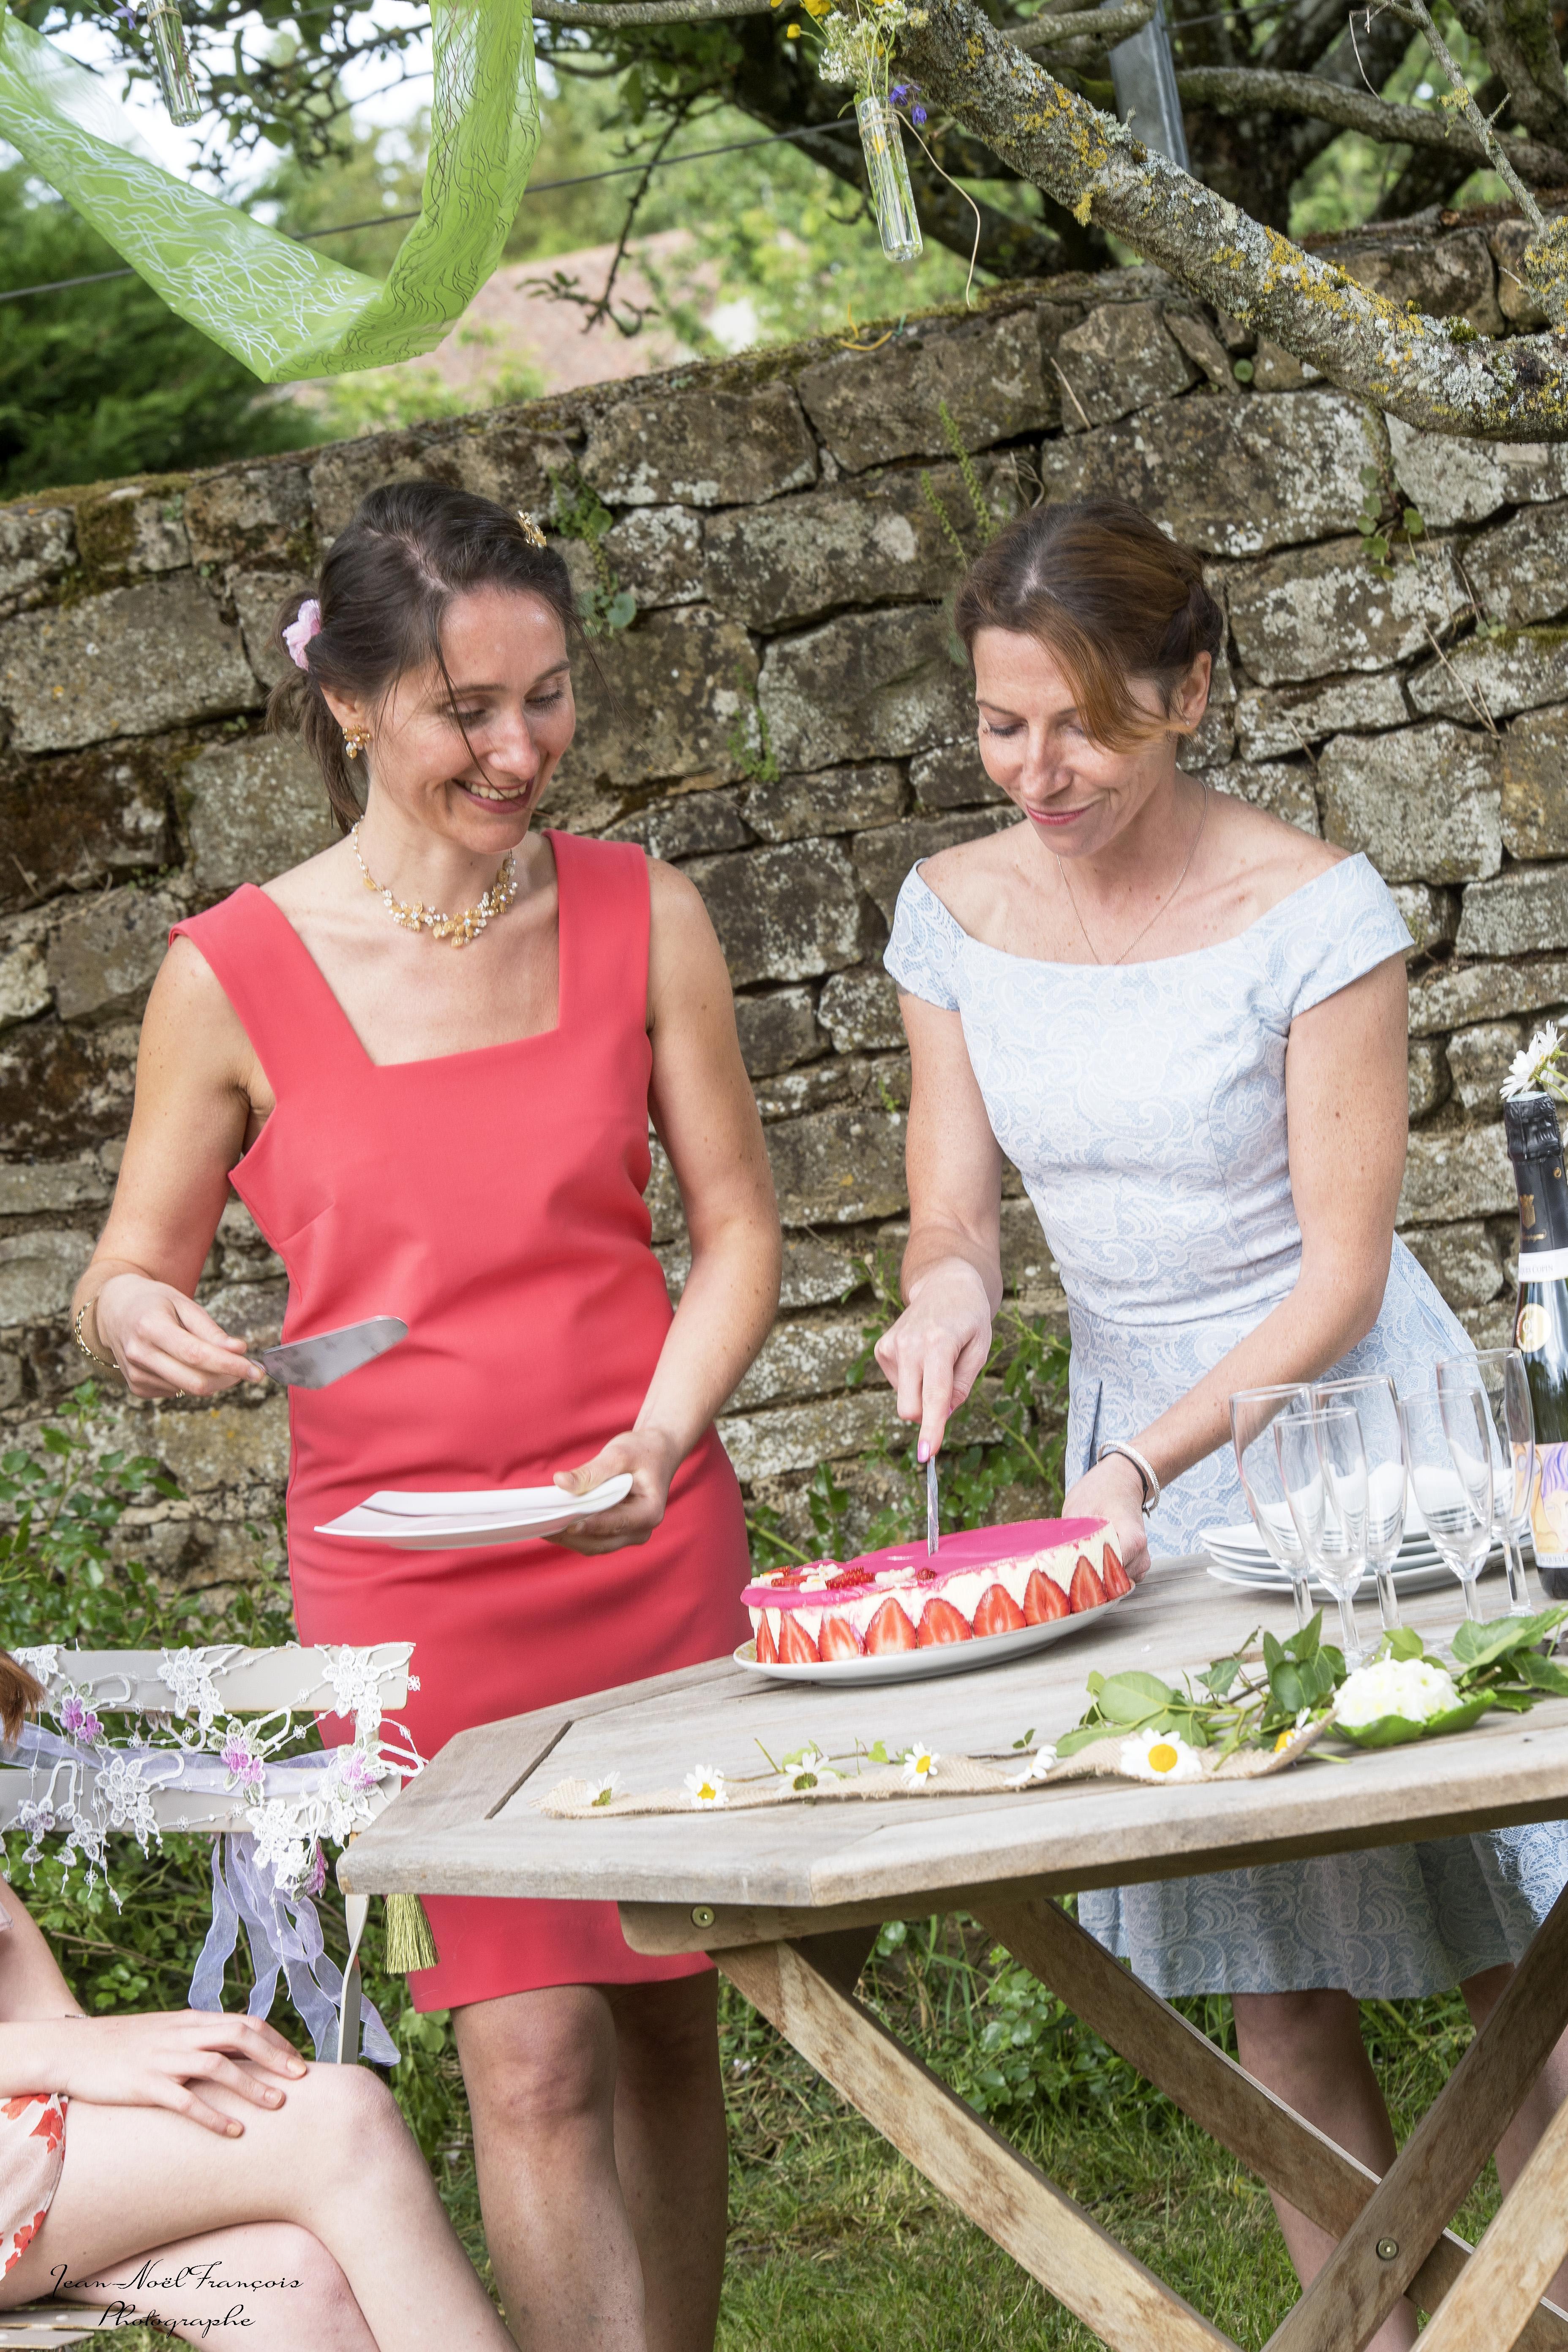 déguster un gâteau lors d'une après midi champêtre